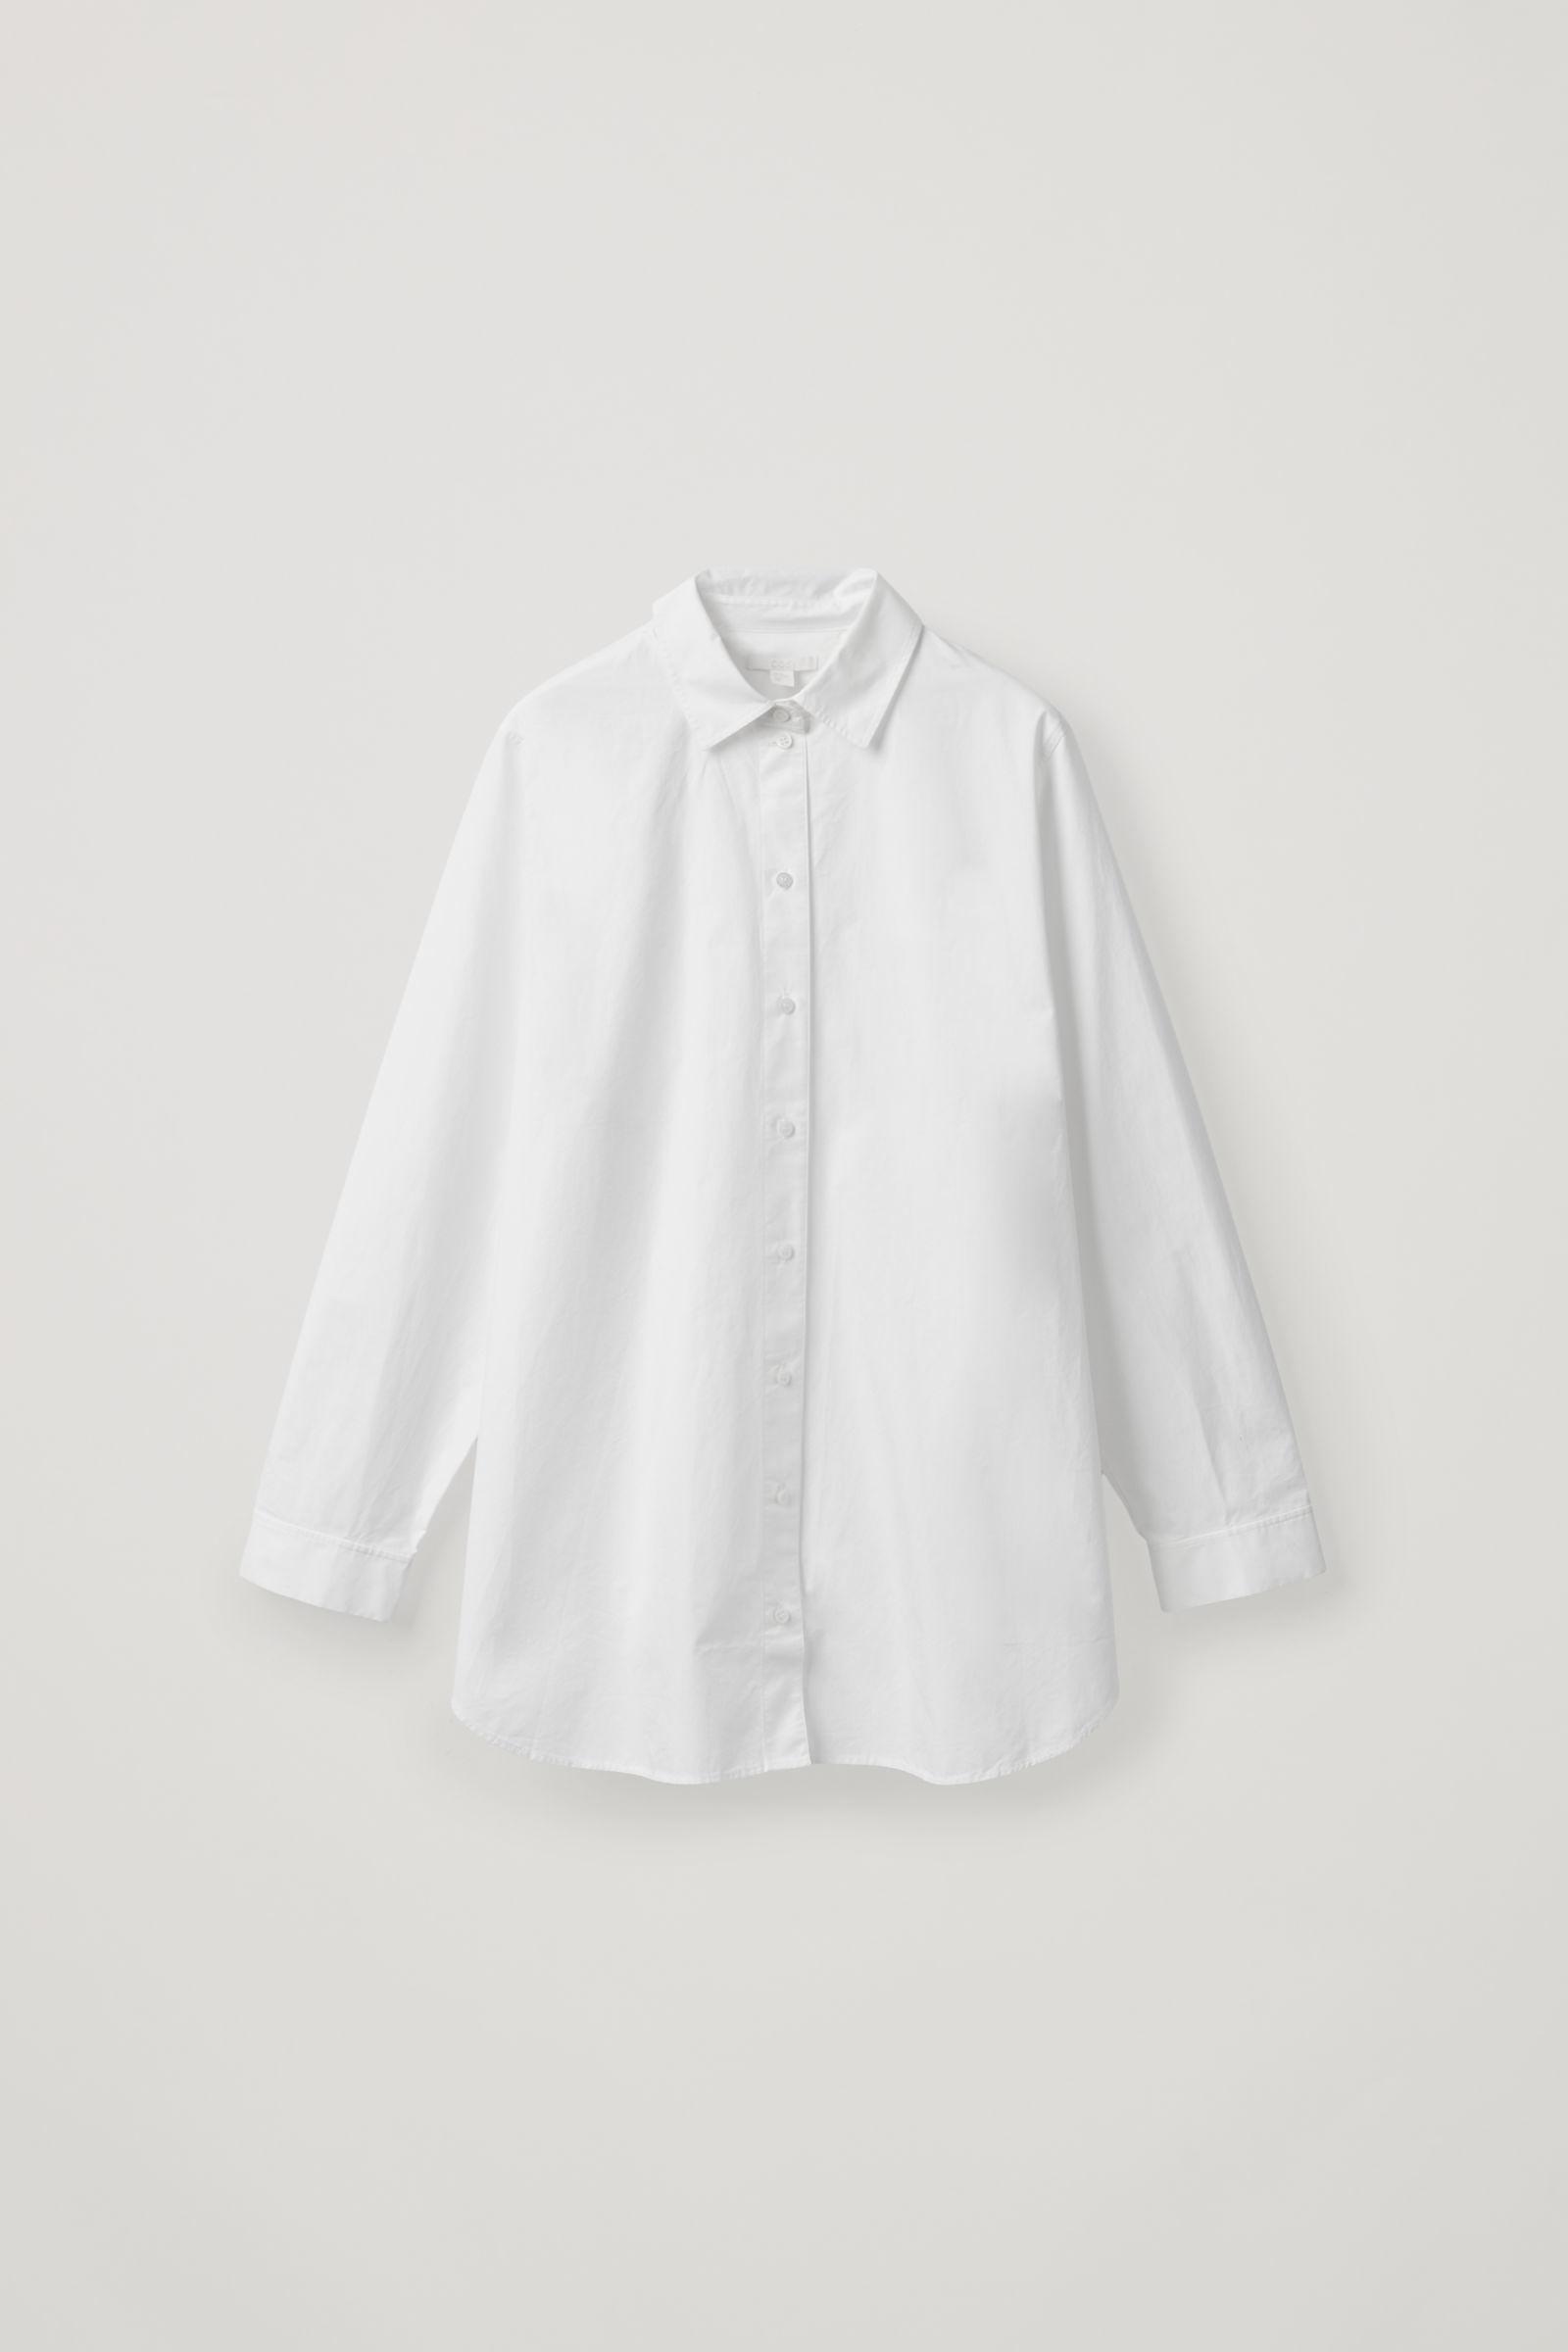 COS 사이드 플래킷 오버사이즈 셔츠의 화이트컬러 상품컷입니다.